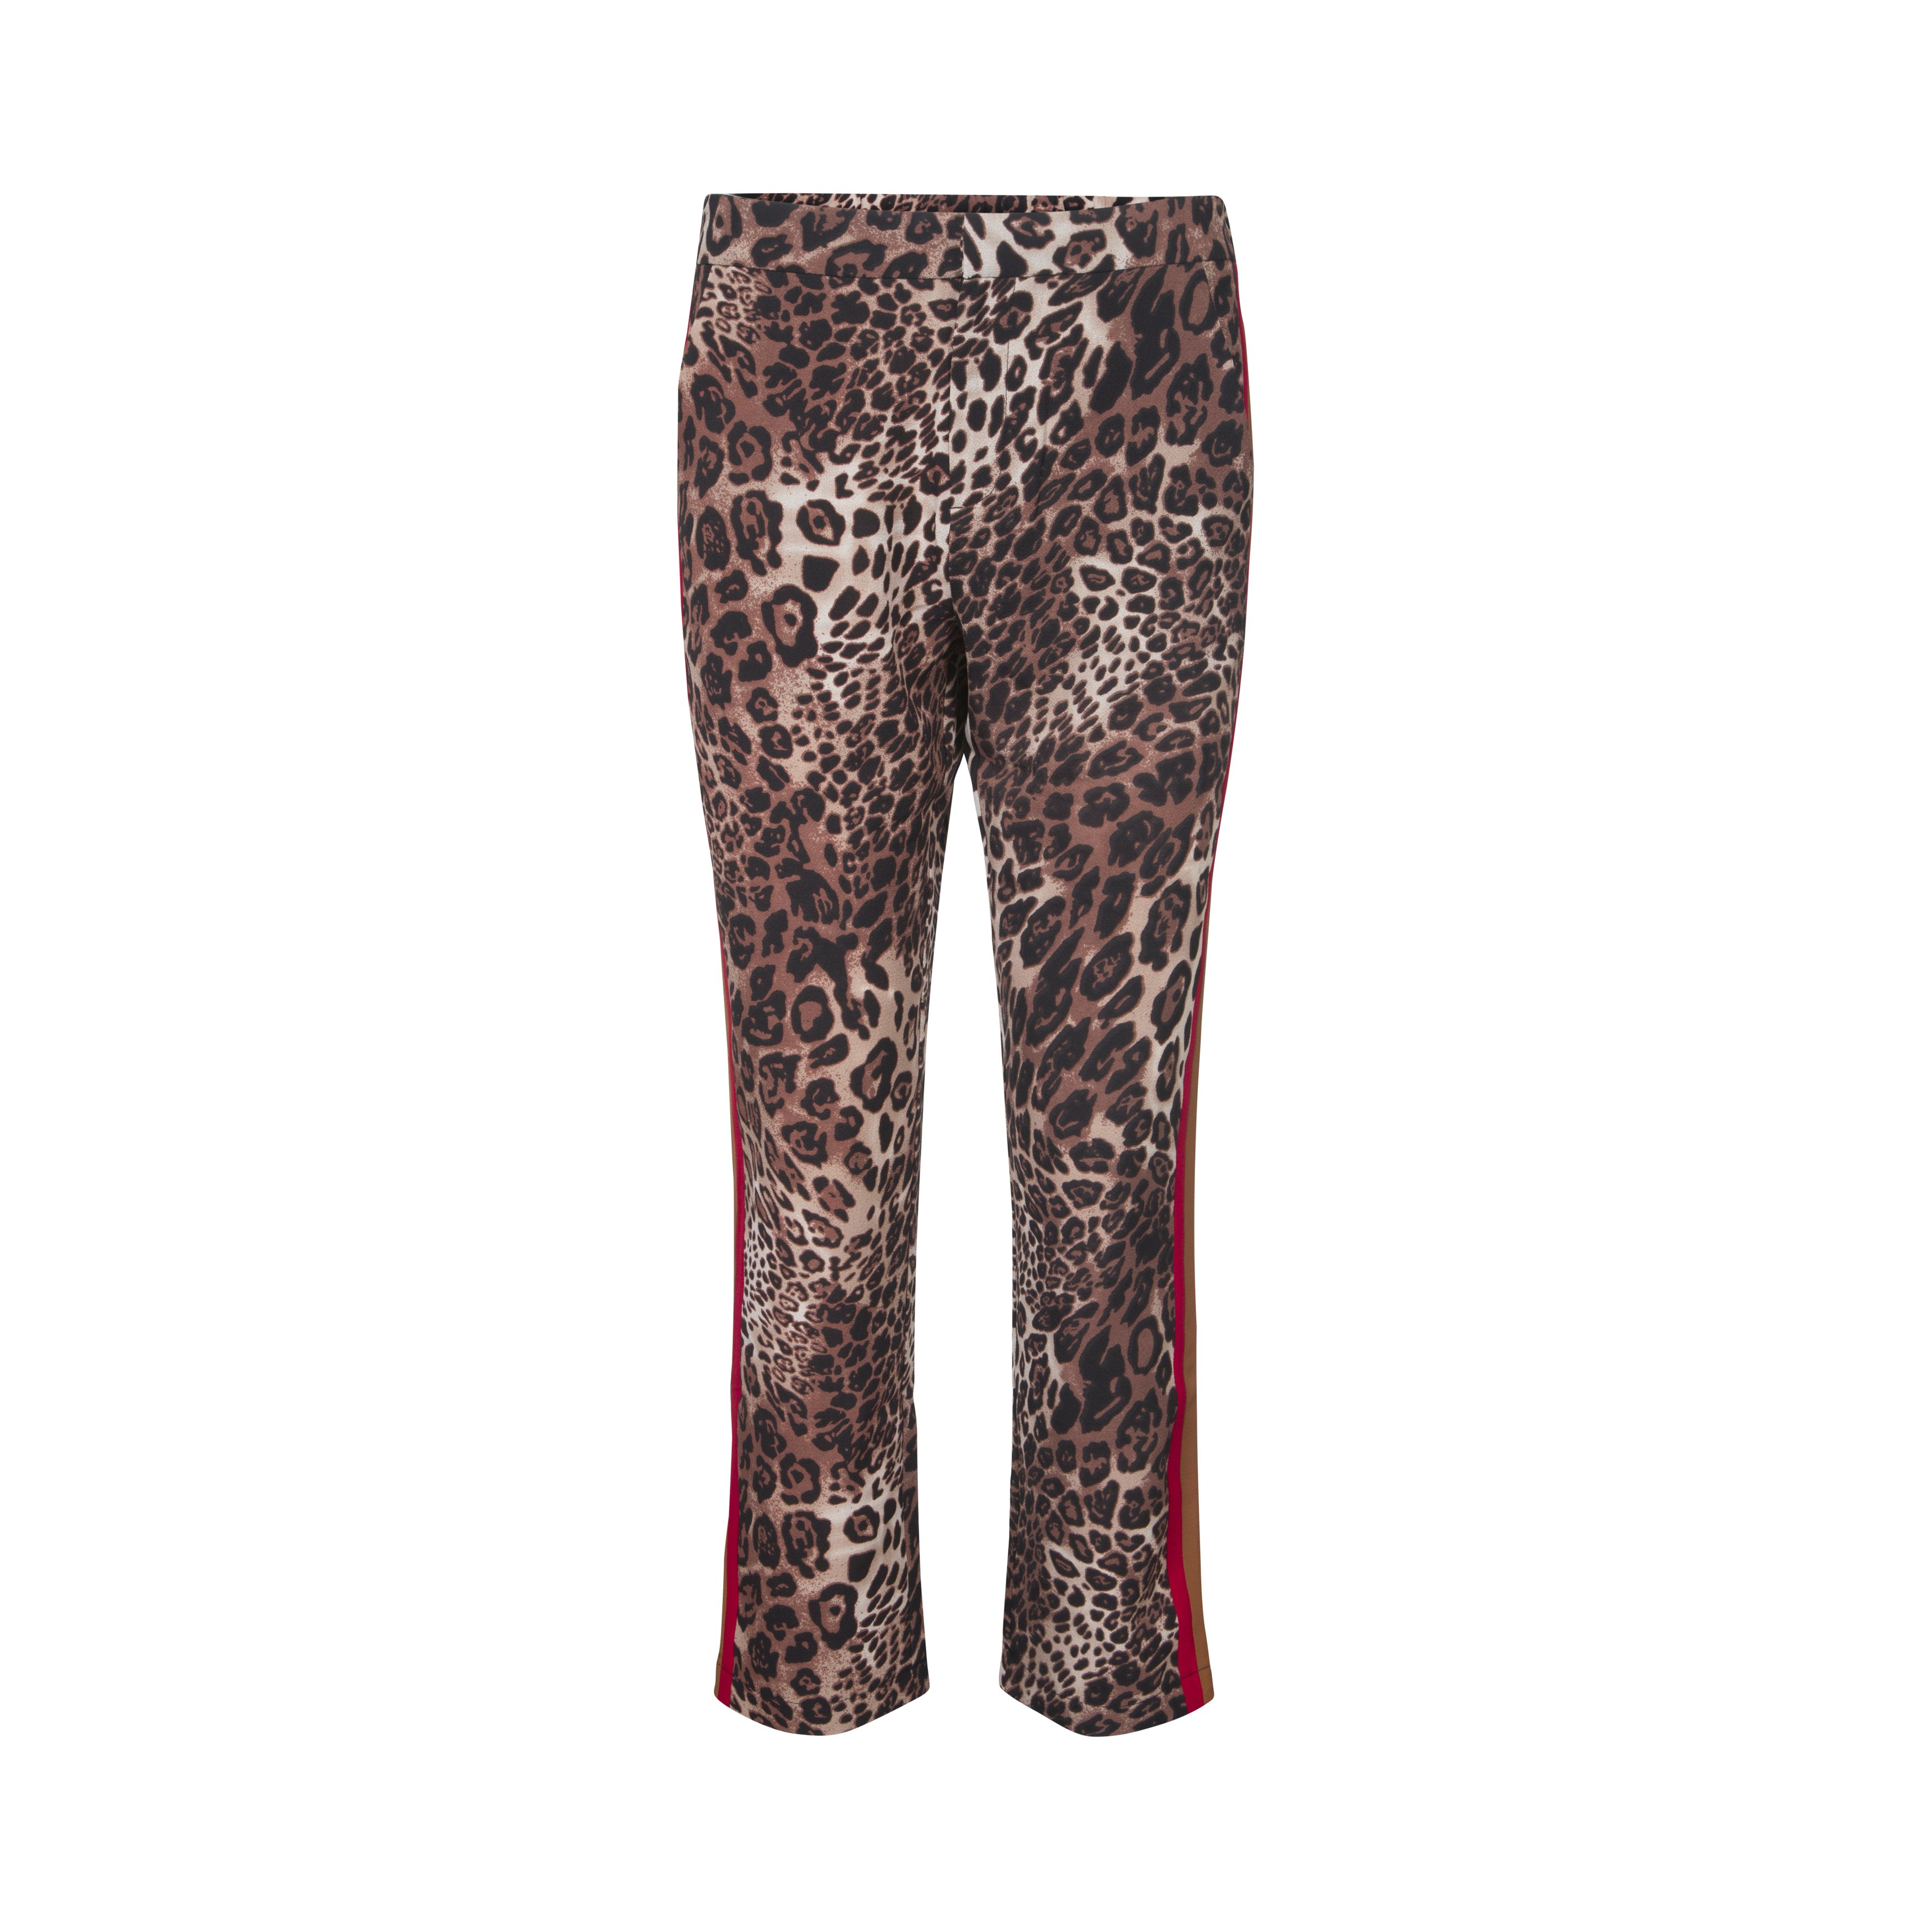 Sofie Schnoor leopard byxor